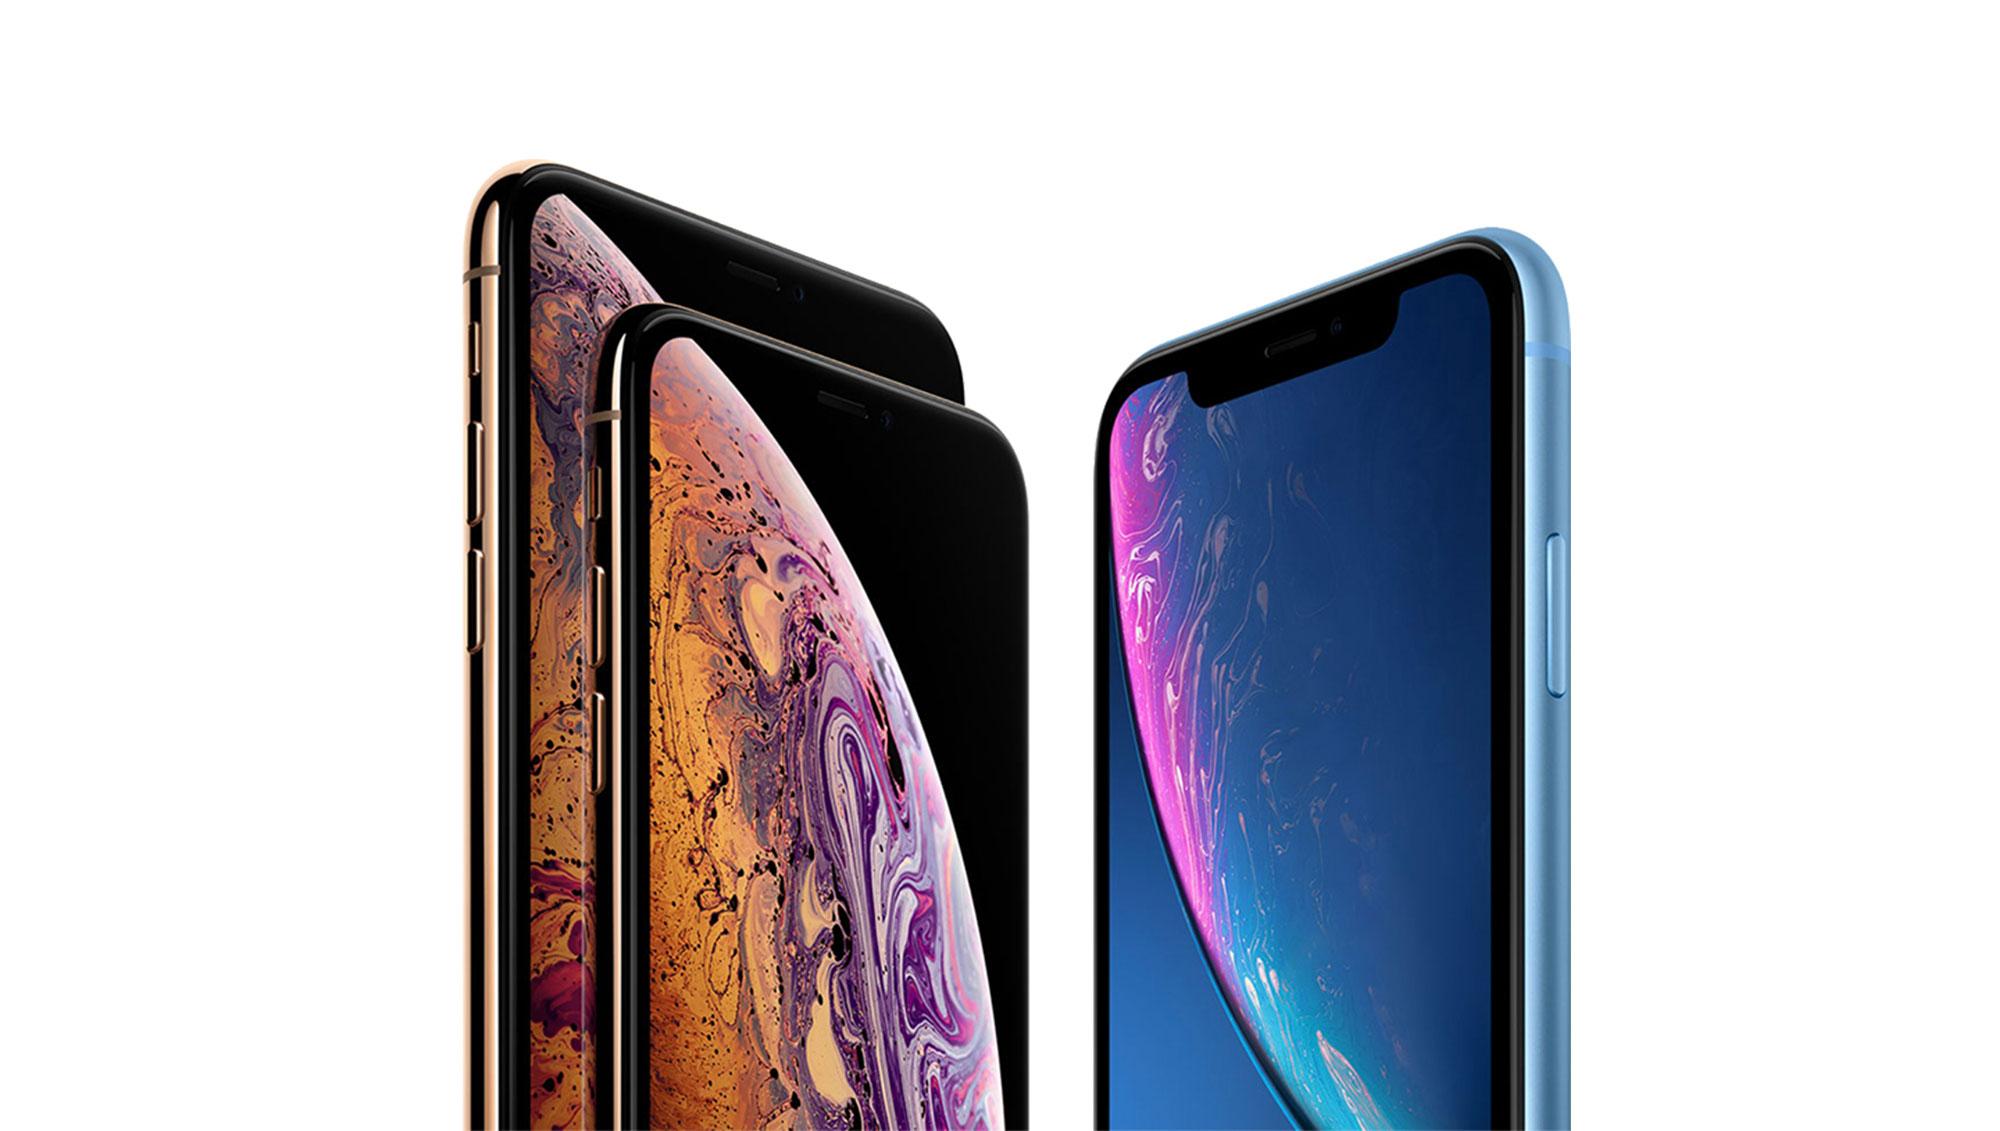 苹果要求供应商削减 iPhone 第一季度产量